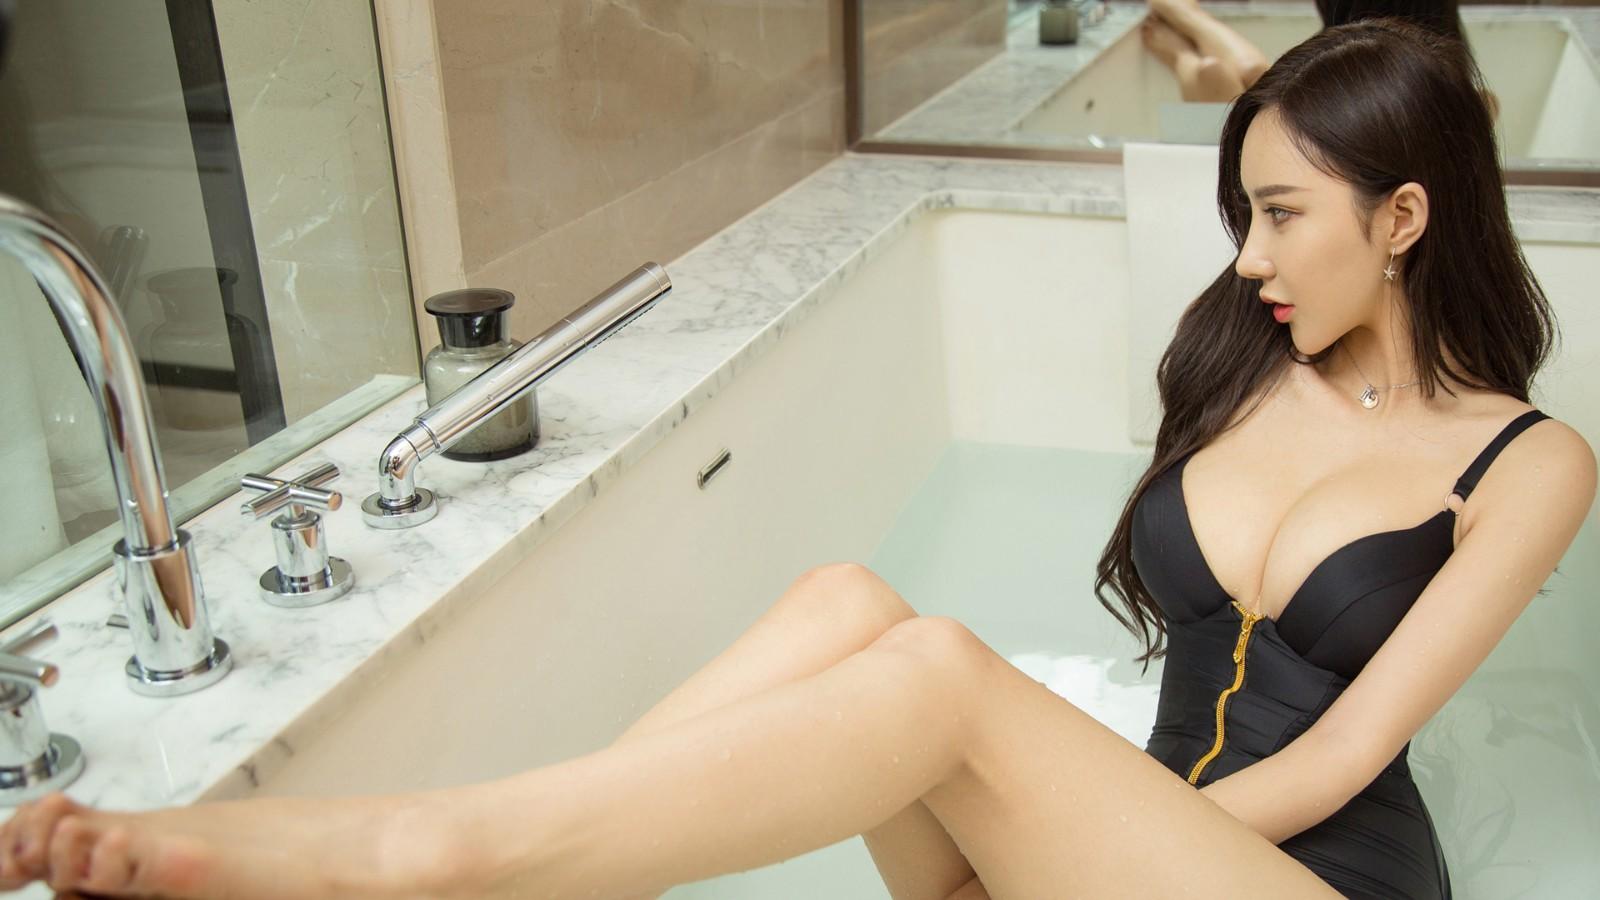 安柔 浴缸写真美女电脑壁纸